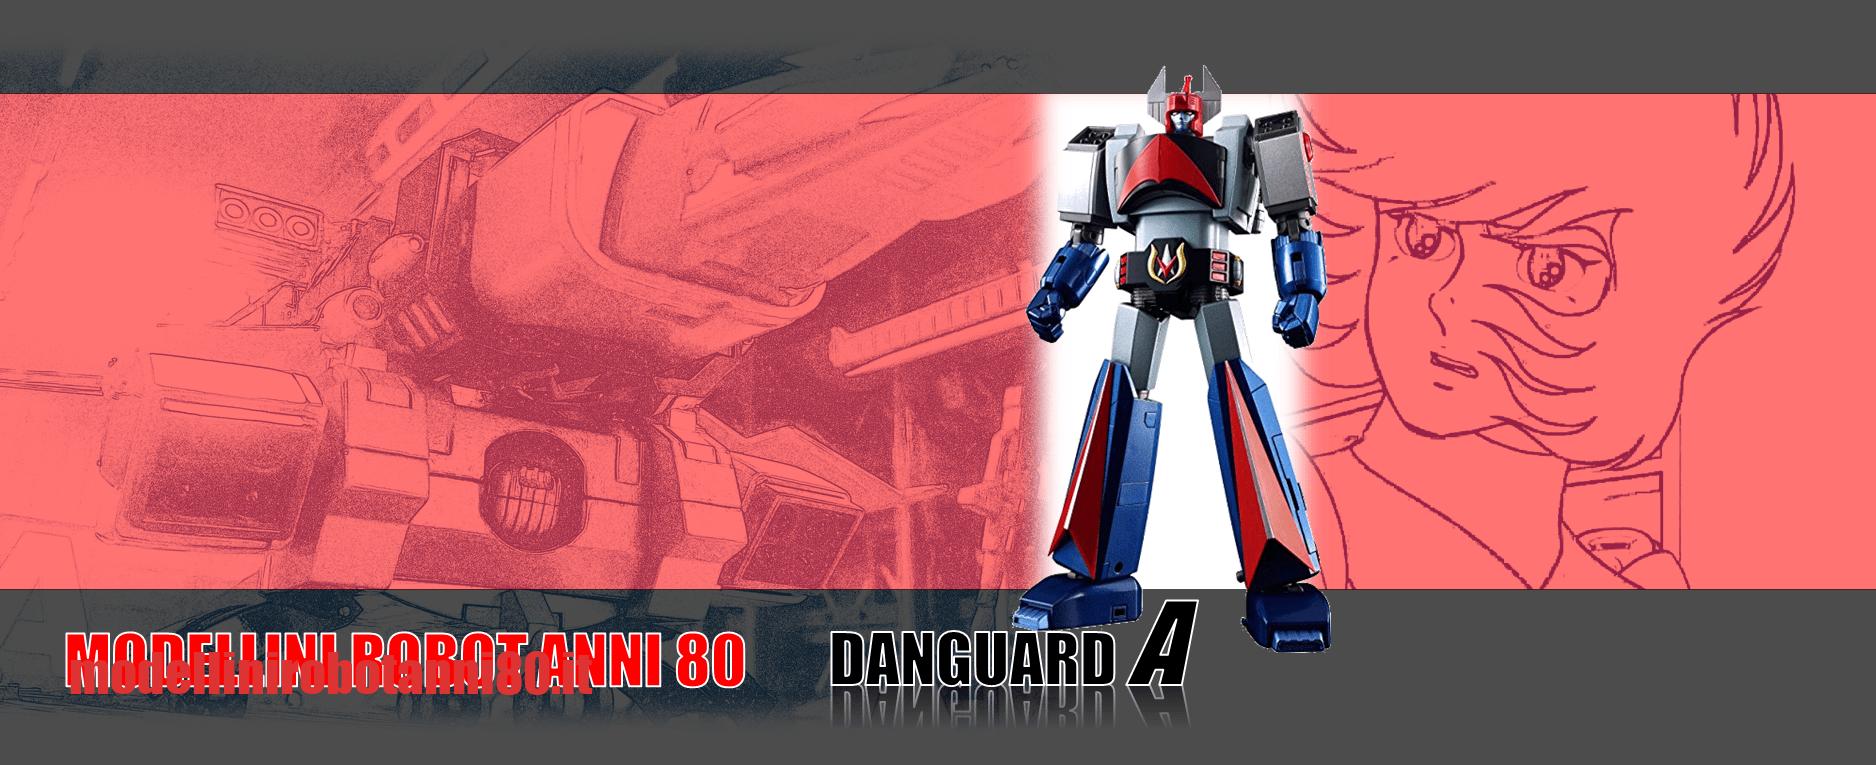 Modellini robot anni 80 Danguard 2